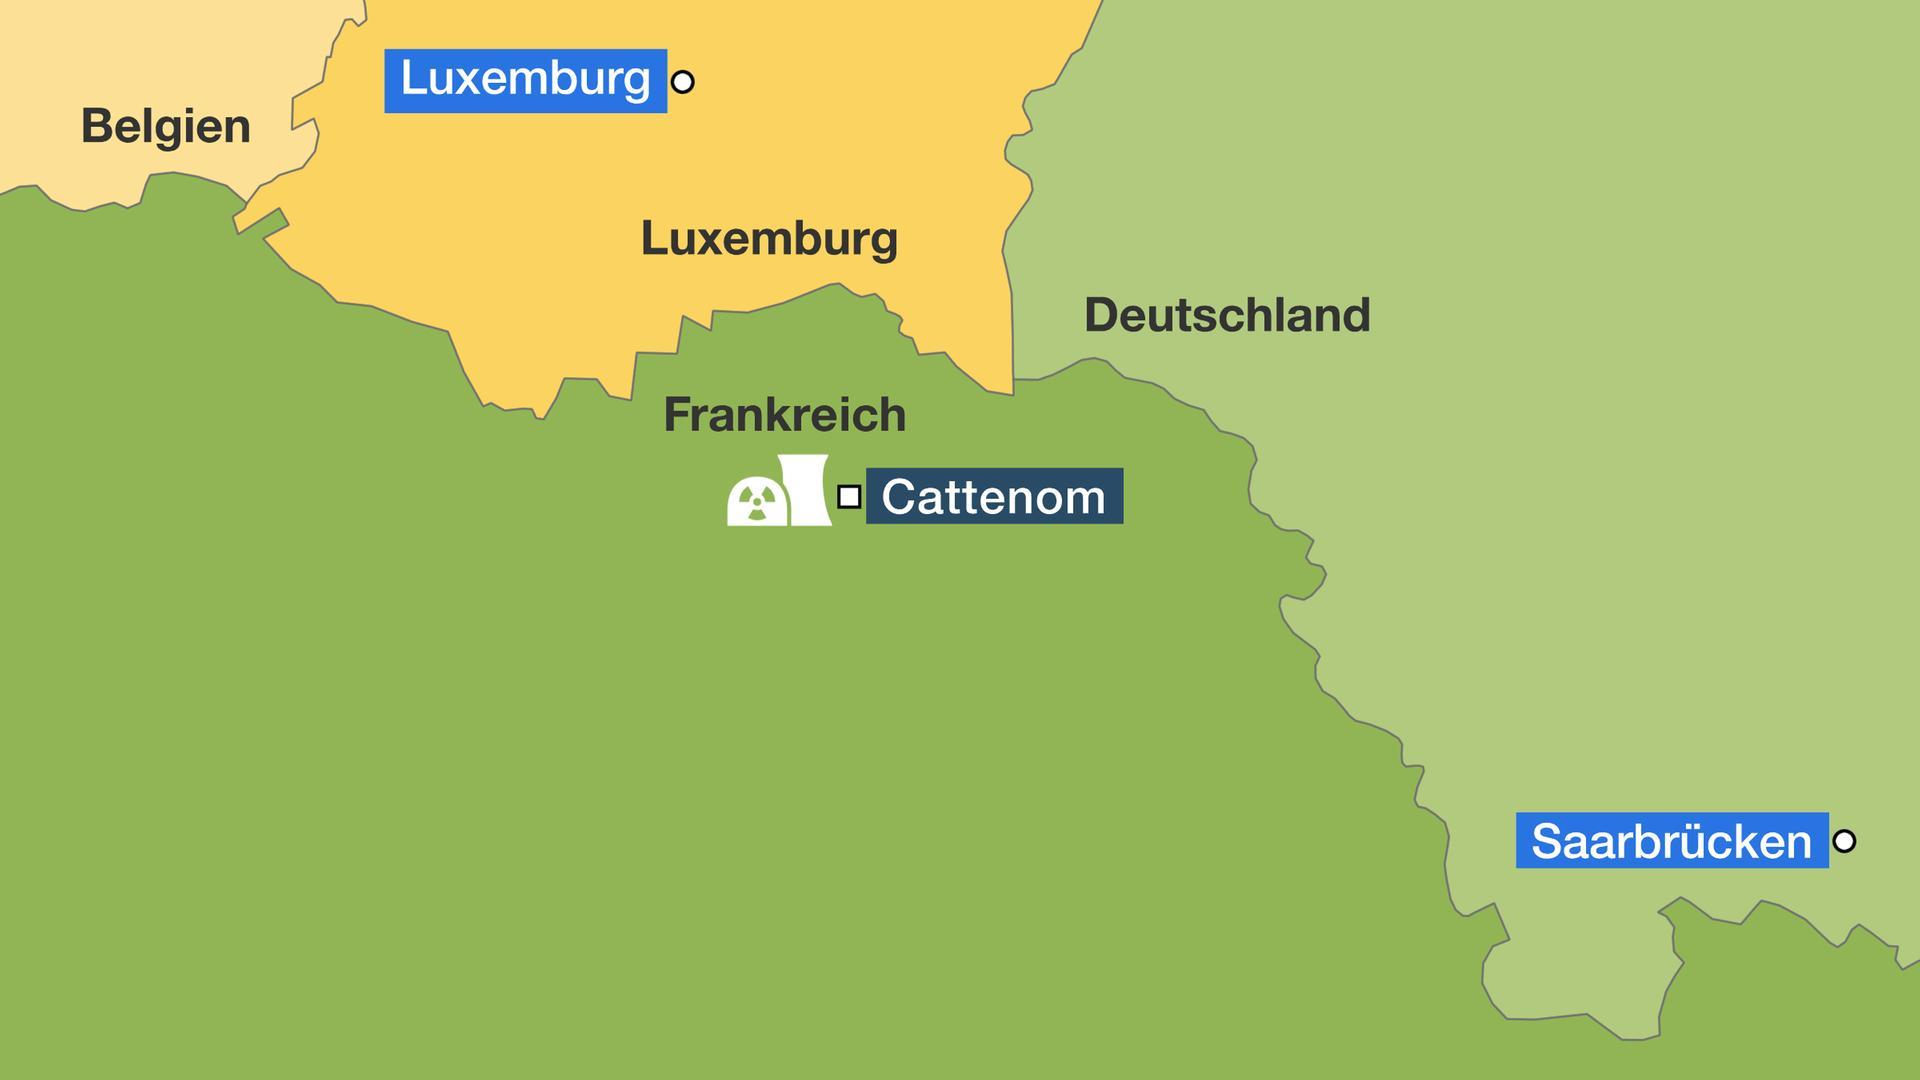 Atomkraftwerke Deutschland Karte.Streit Um Französisches Akw Grenzfall Cattenom Zdfmediathek